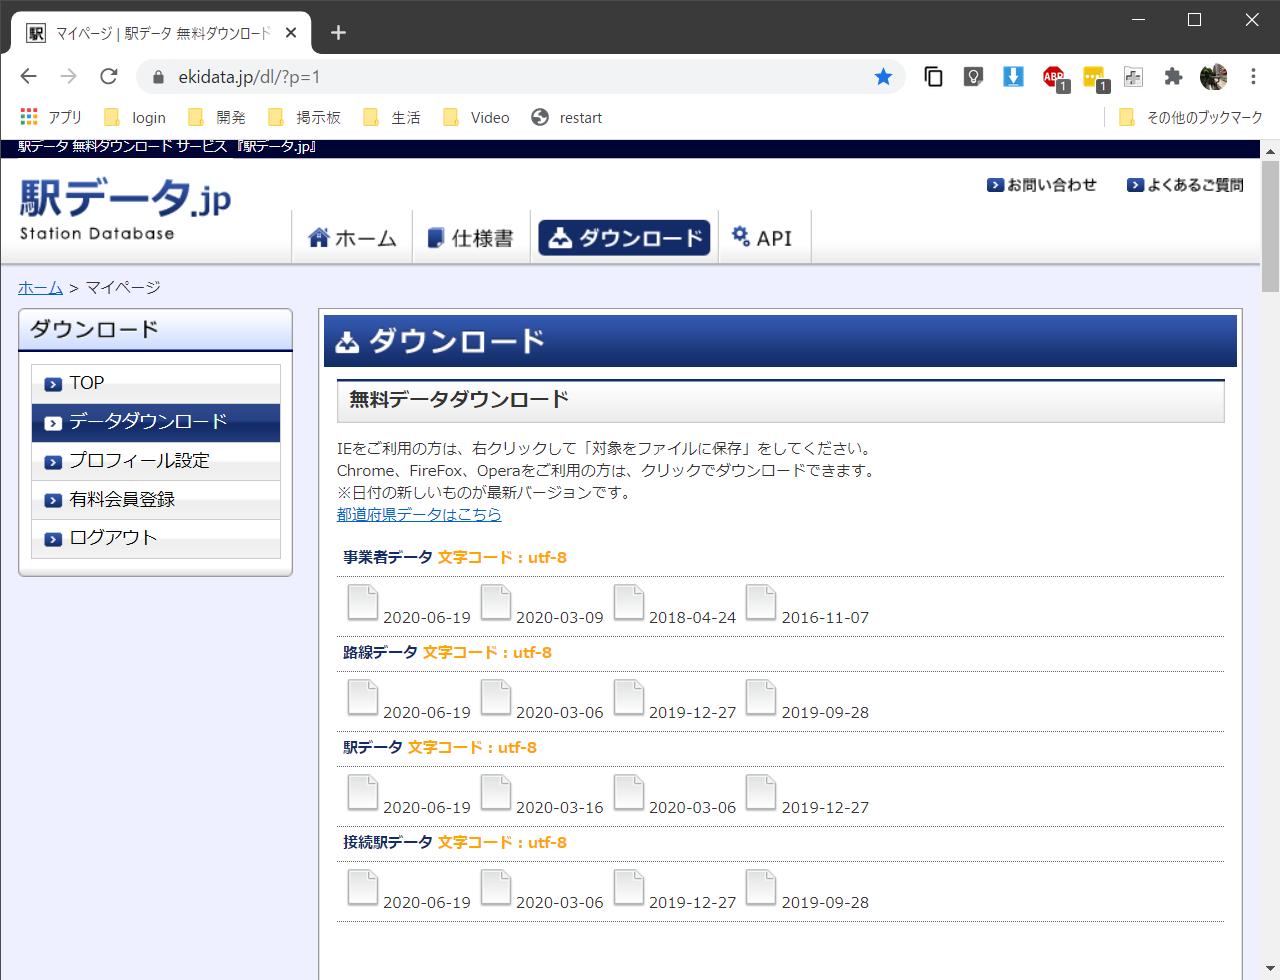 マイページ _ 駅データ 無料ダウンロード 『駅データ.jp』 - Google Chrome 2020_07_15 8_04_35.png